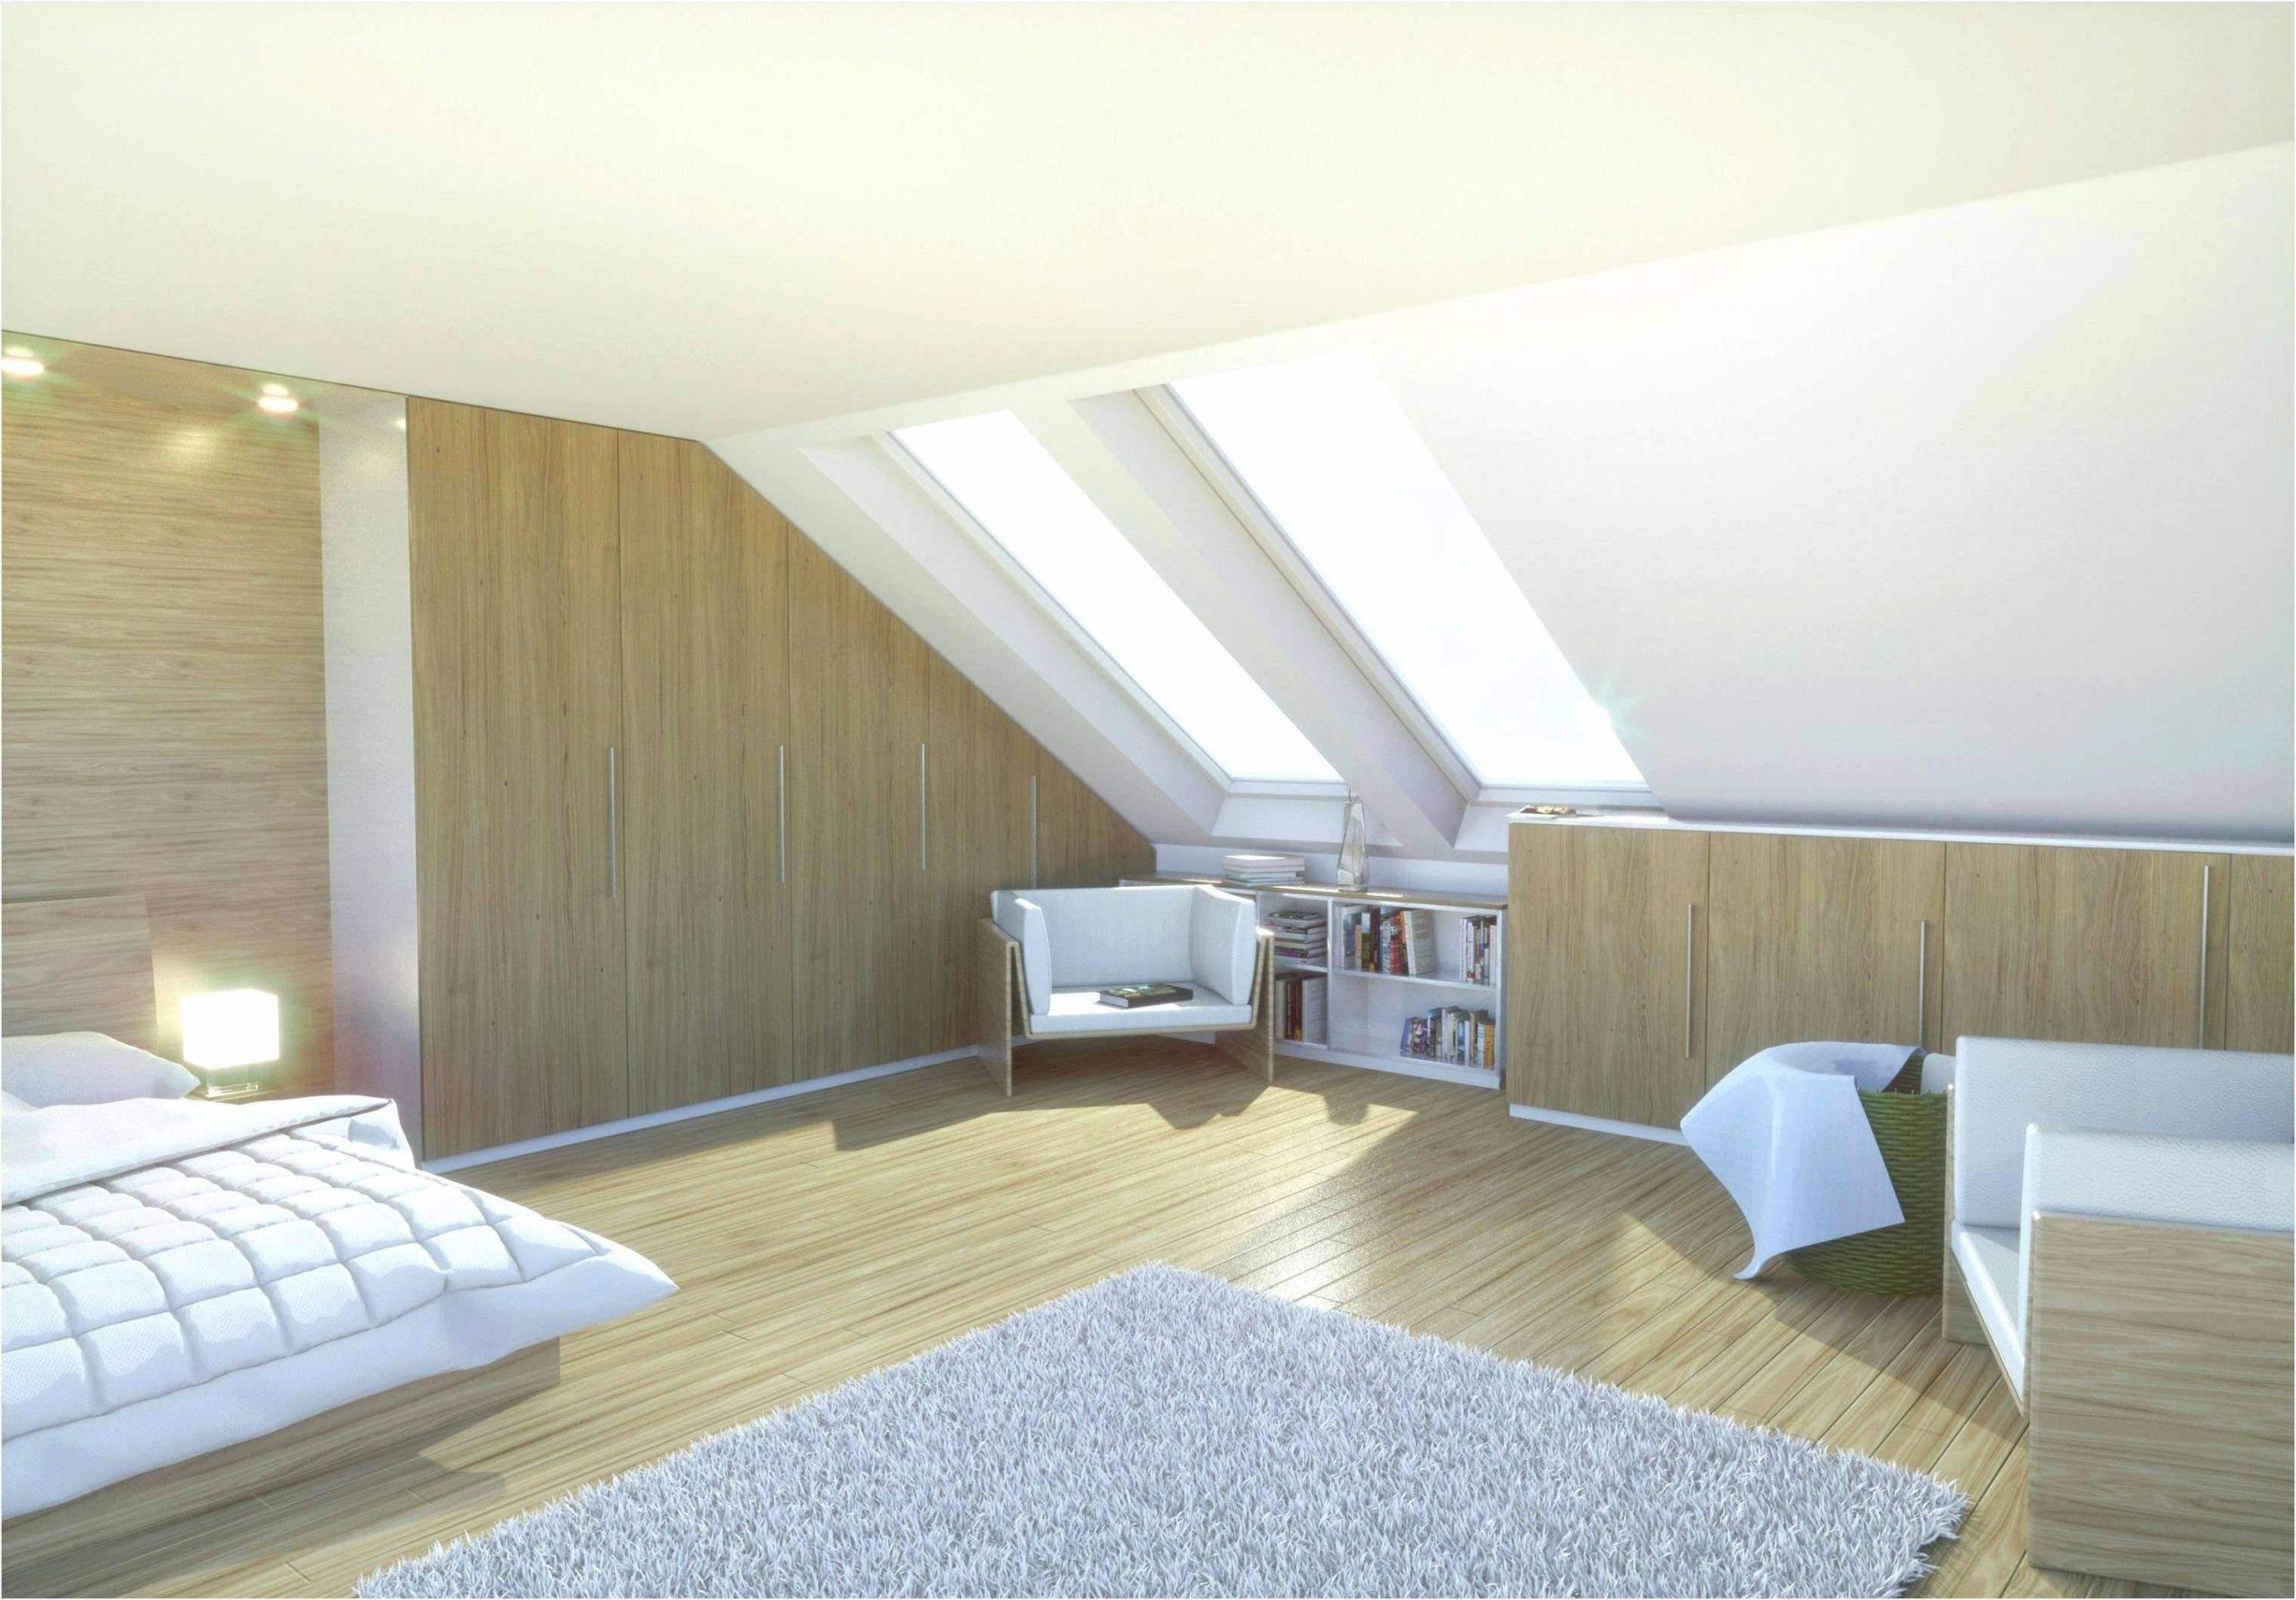 deko wohnzimmer selber machen genial ideen fur wohnzimmer deko unique 33 einzigartig deko ideen of deko wohnzimmer selber machen